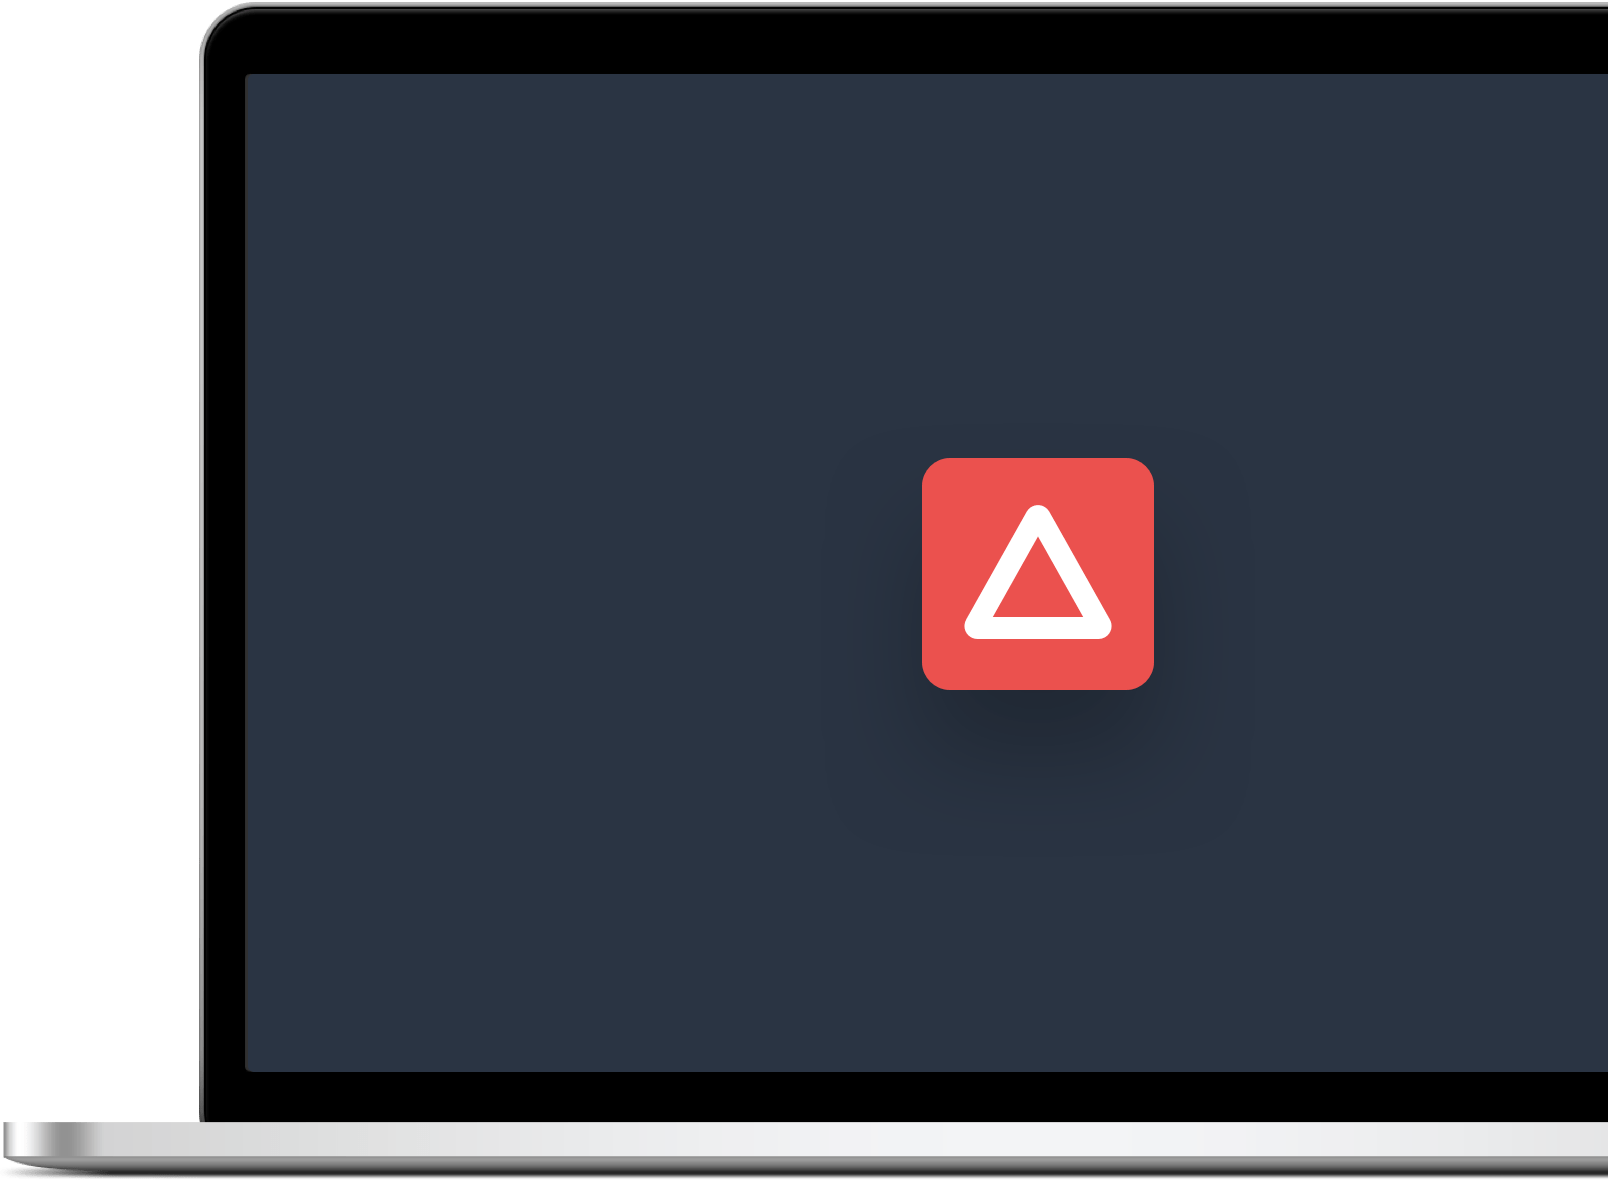 portátil con un diseño cargado en la pantalla